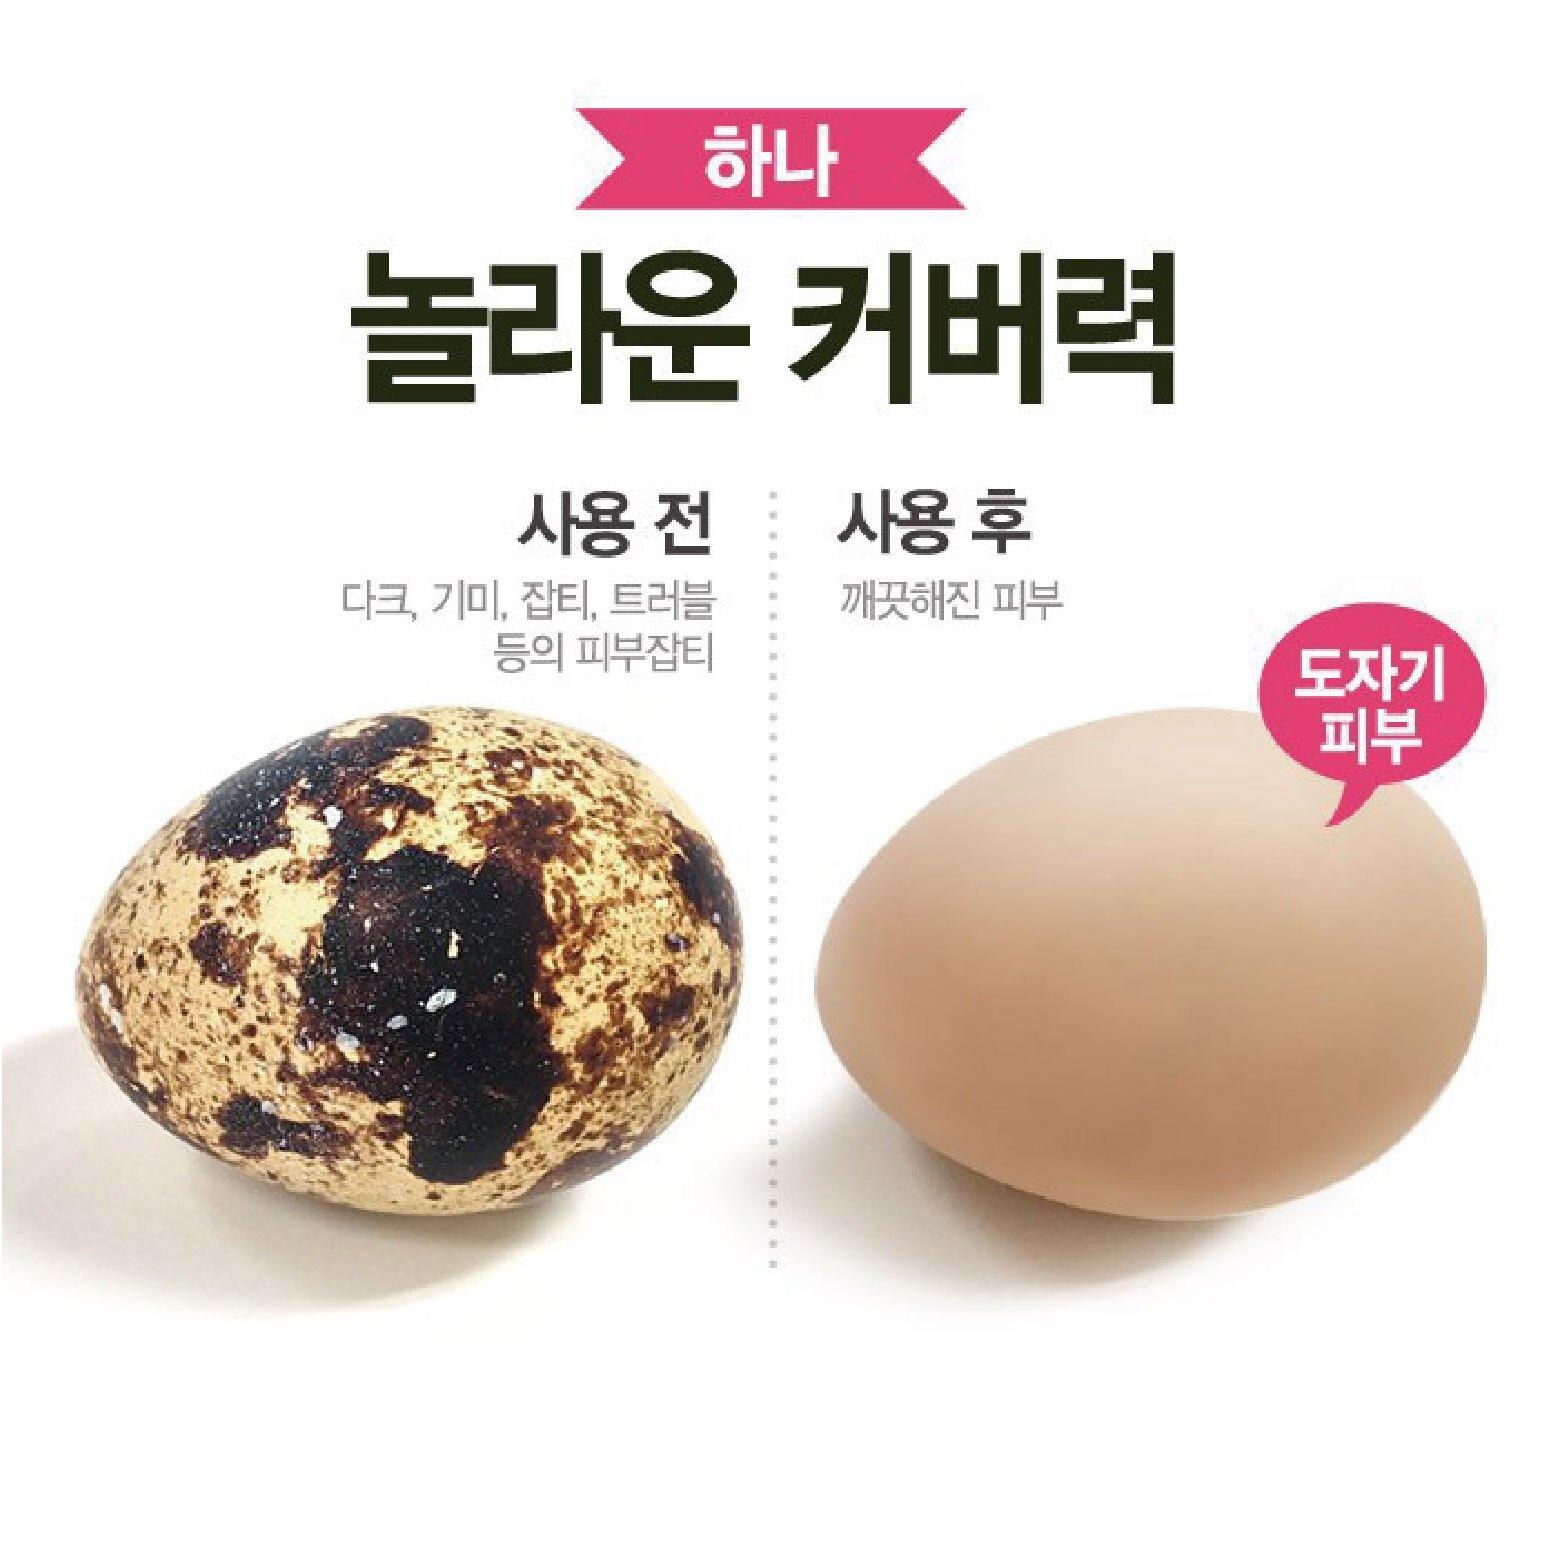 『現貨』【蛋殼肌遮瑕底妝】韓國 JANYCOCO 隔離 防曬 飾底乳【KR00199】